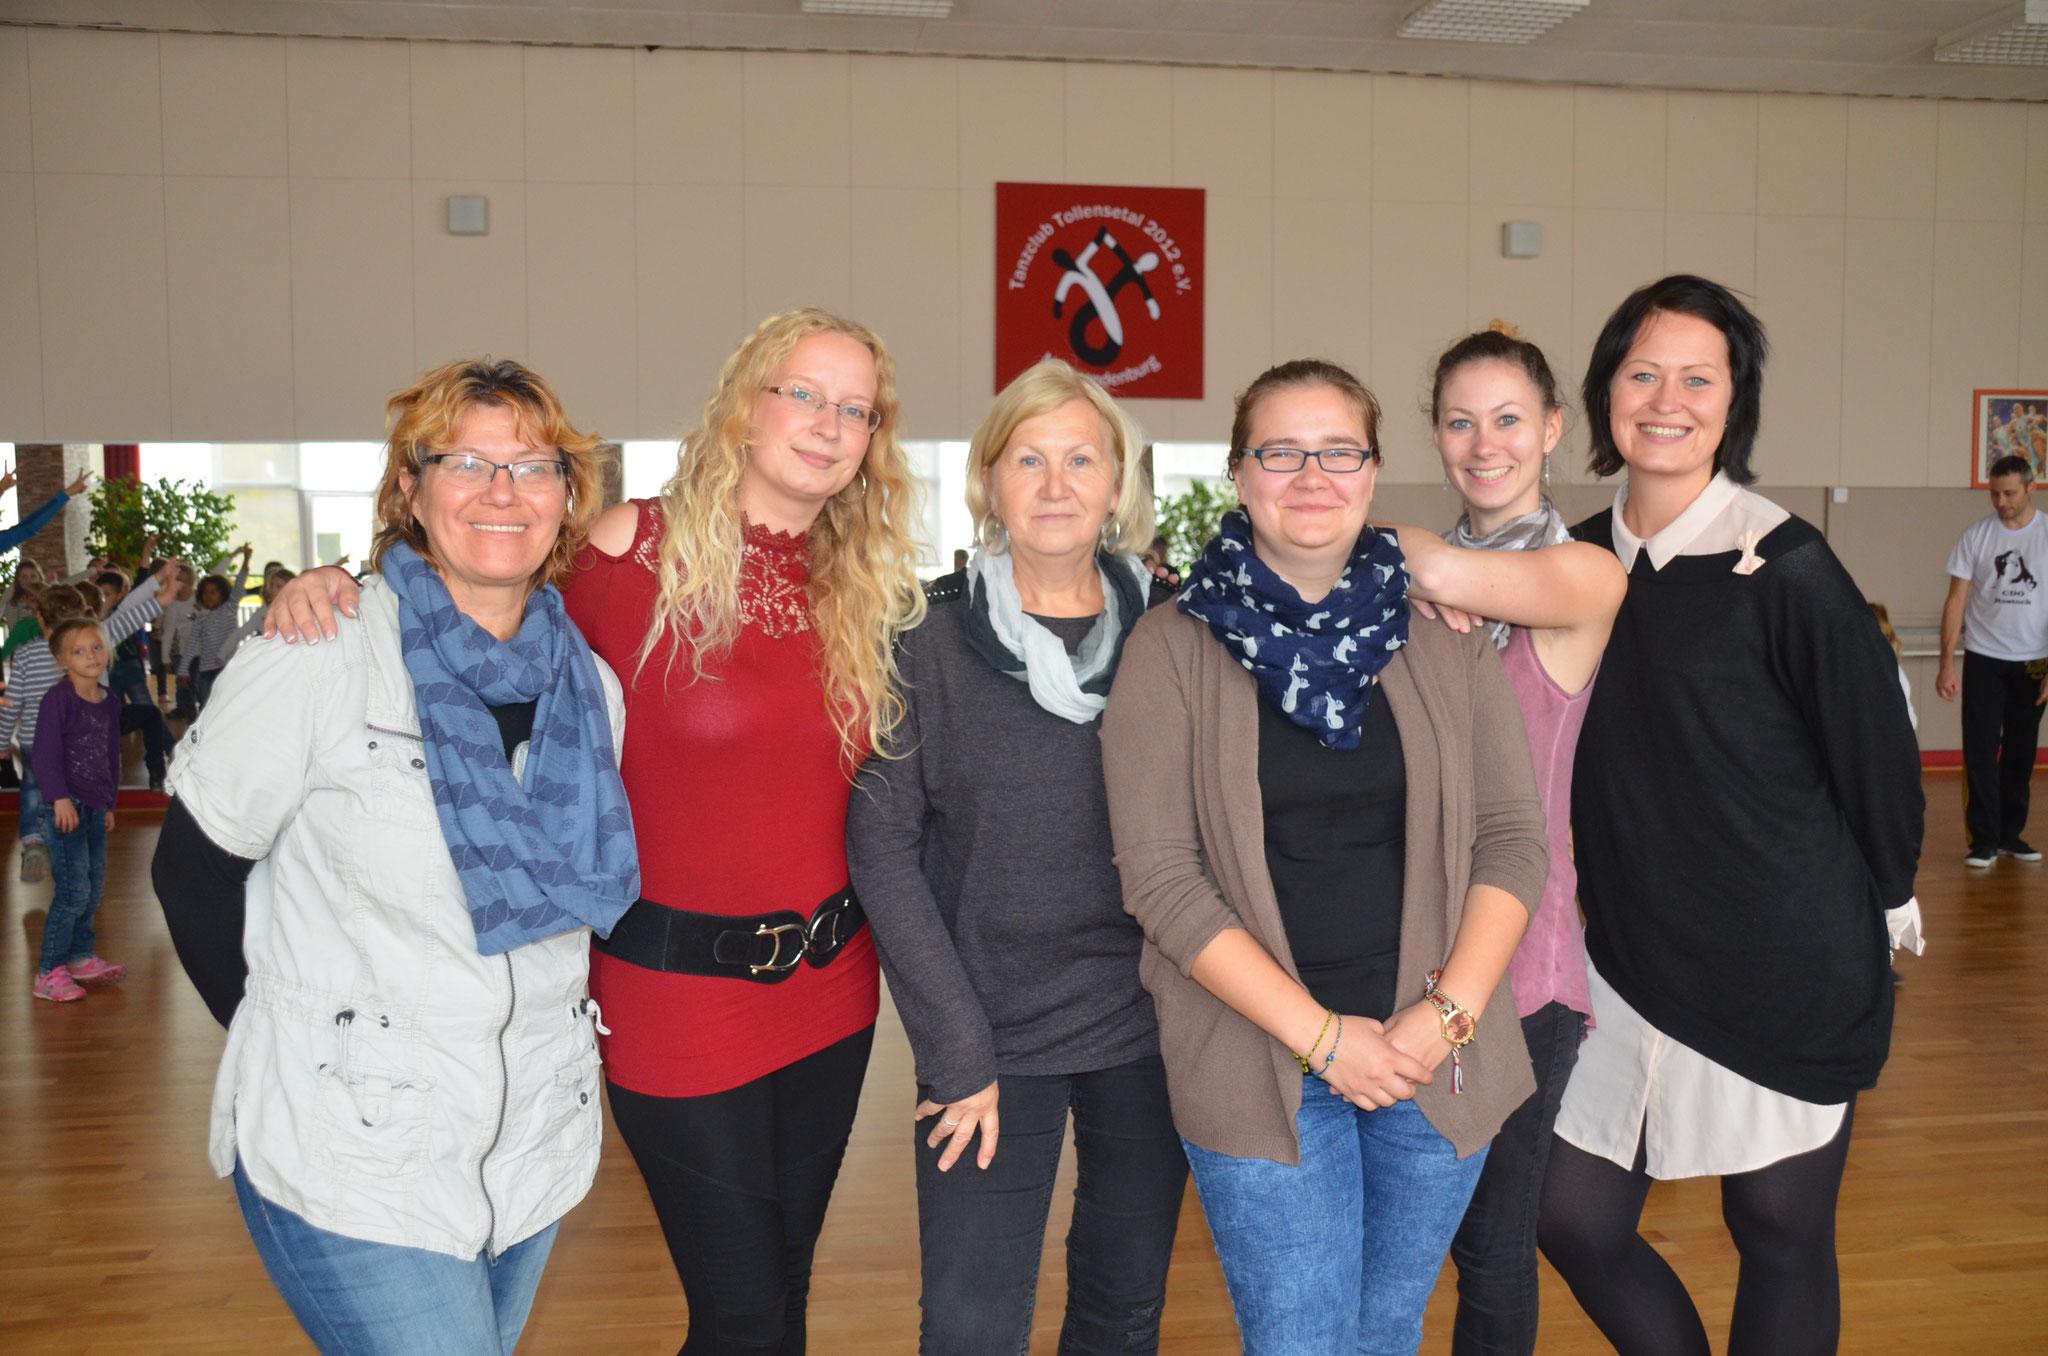 Übungsleiterin Anne Hauptmann und Harald Warncke vom Tanzclub erklärten nach der Veranstaltung Eltern und deren Kindern, wie es mit den Trainingsstunden weiter geht u.a.m.